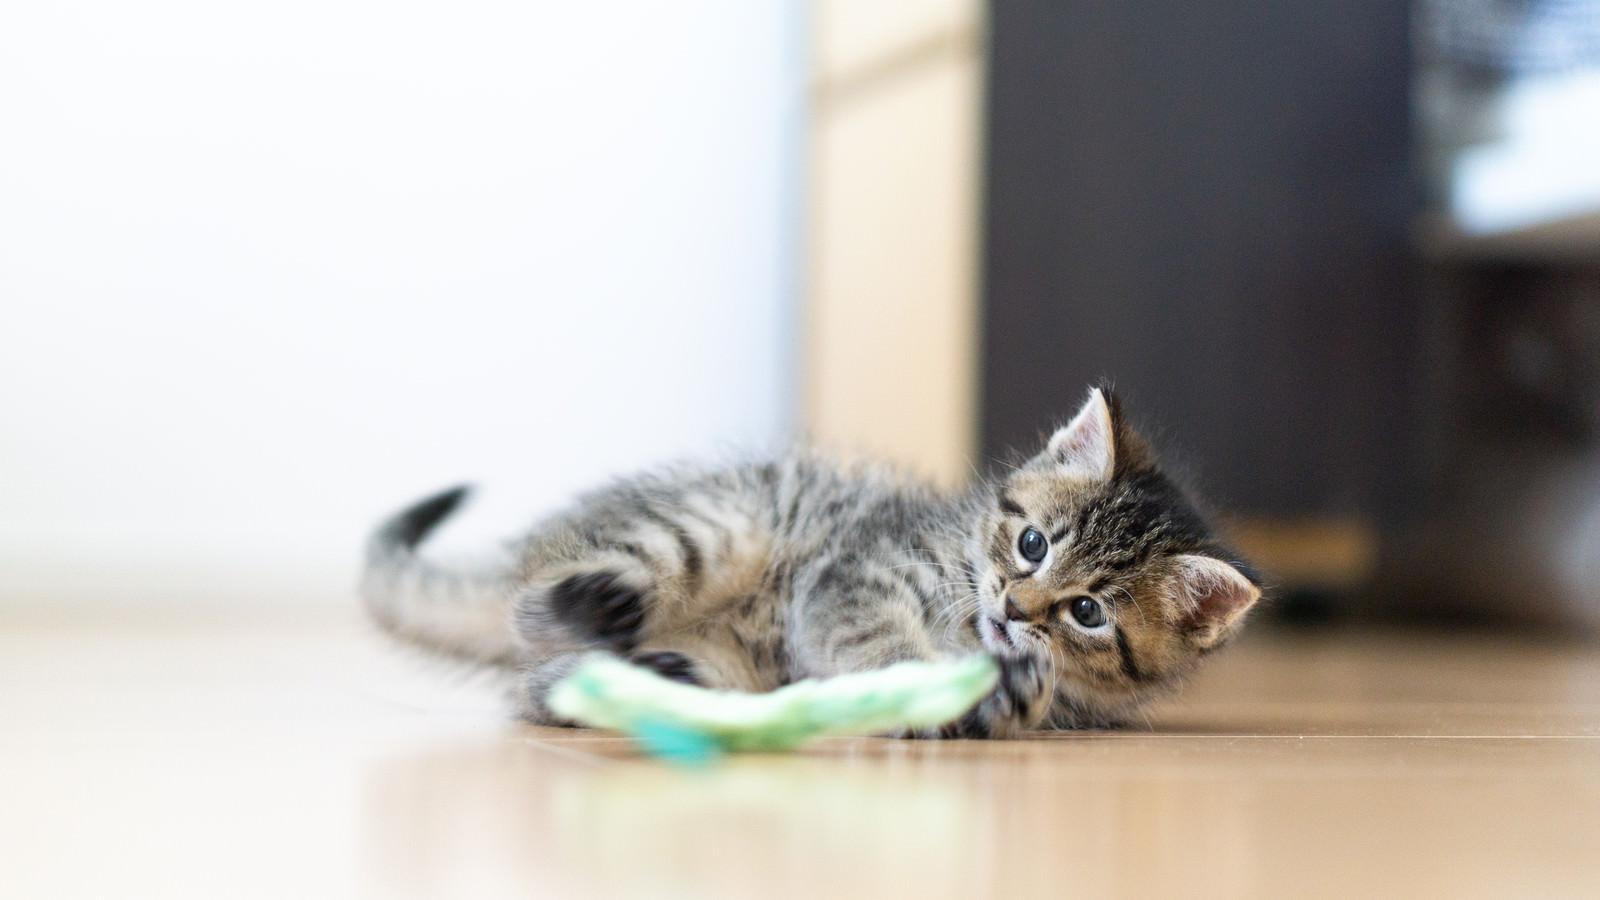 「ねこじゃらしのおもちゃでじゃれる子猫」の写真